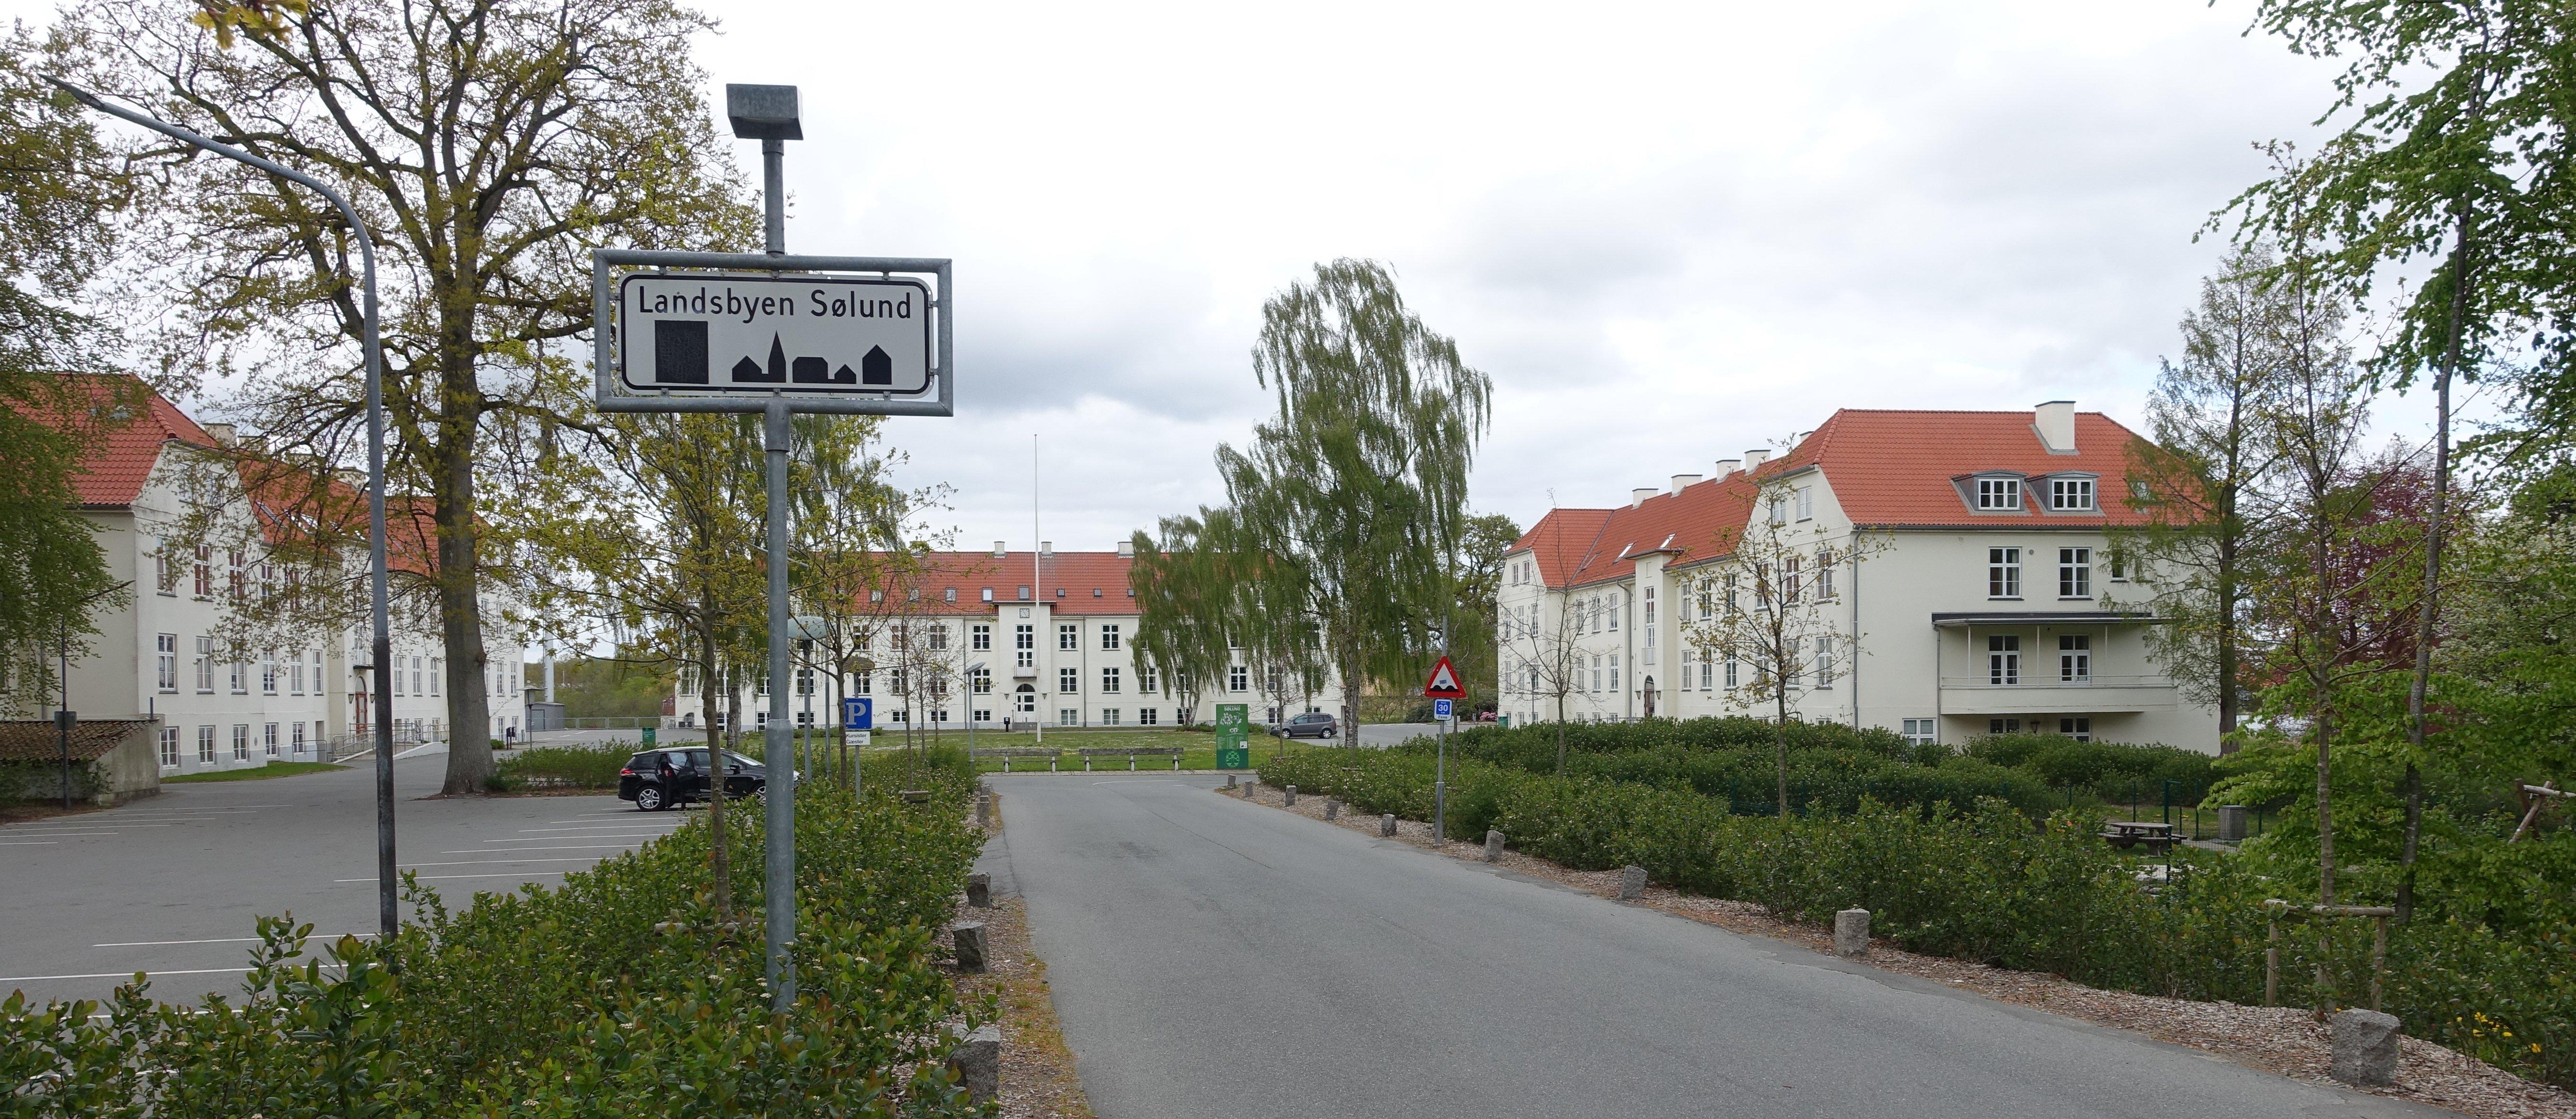 sølund plejehjem